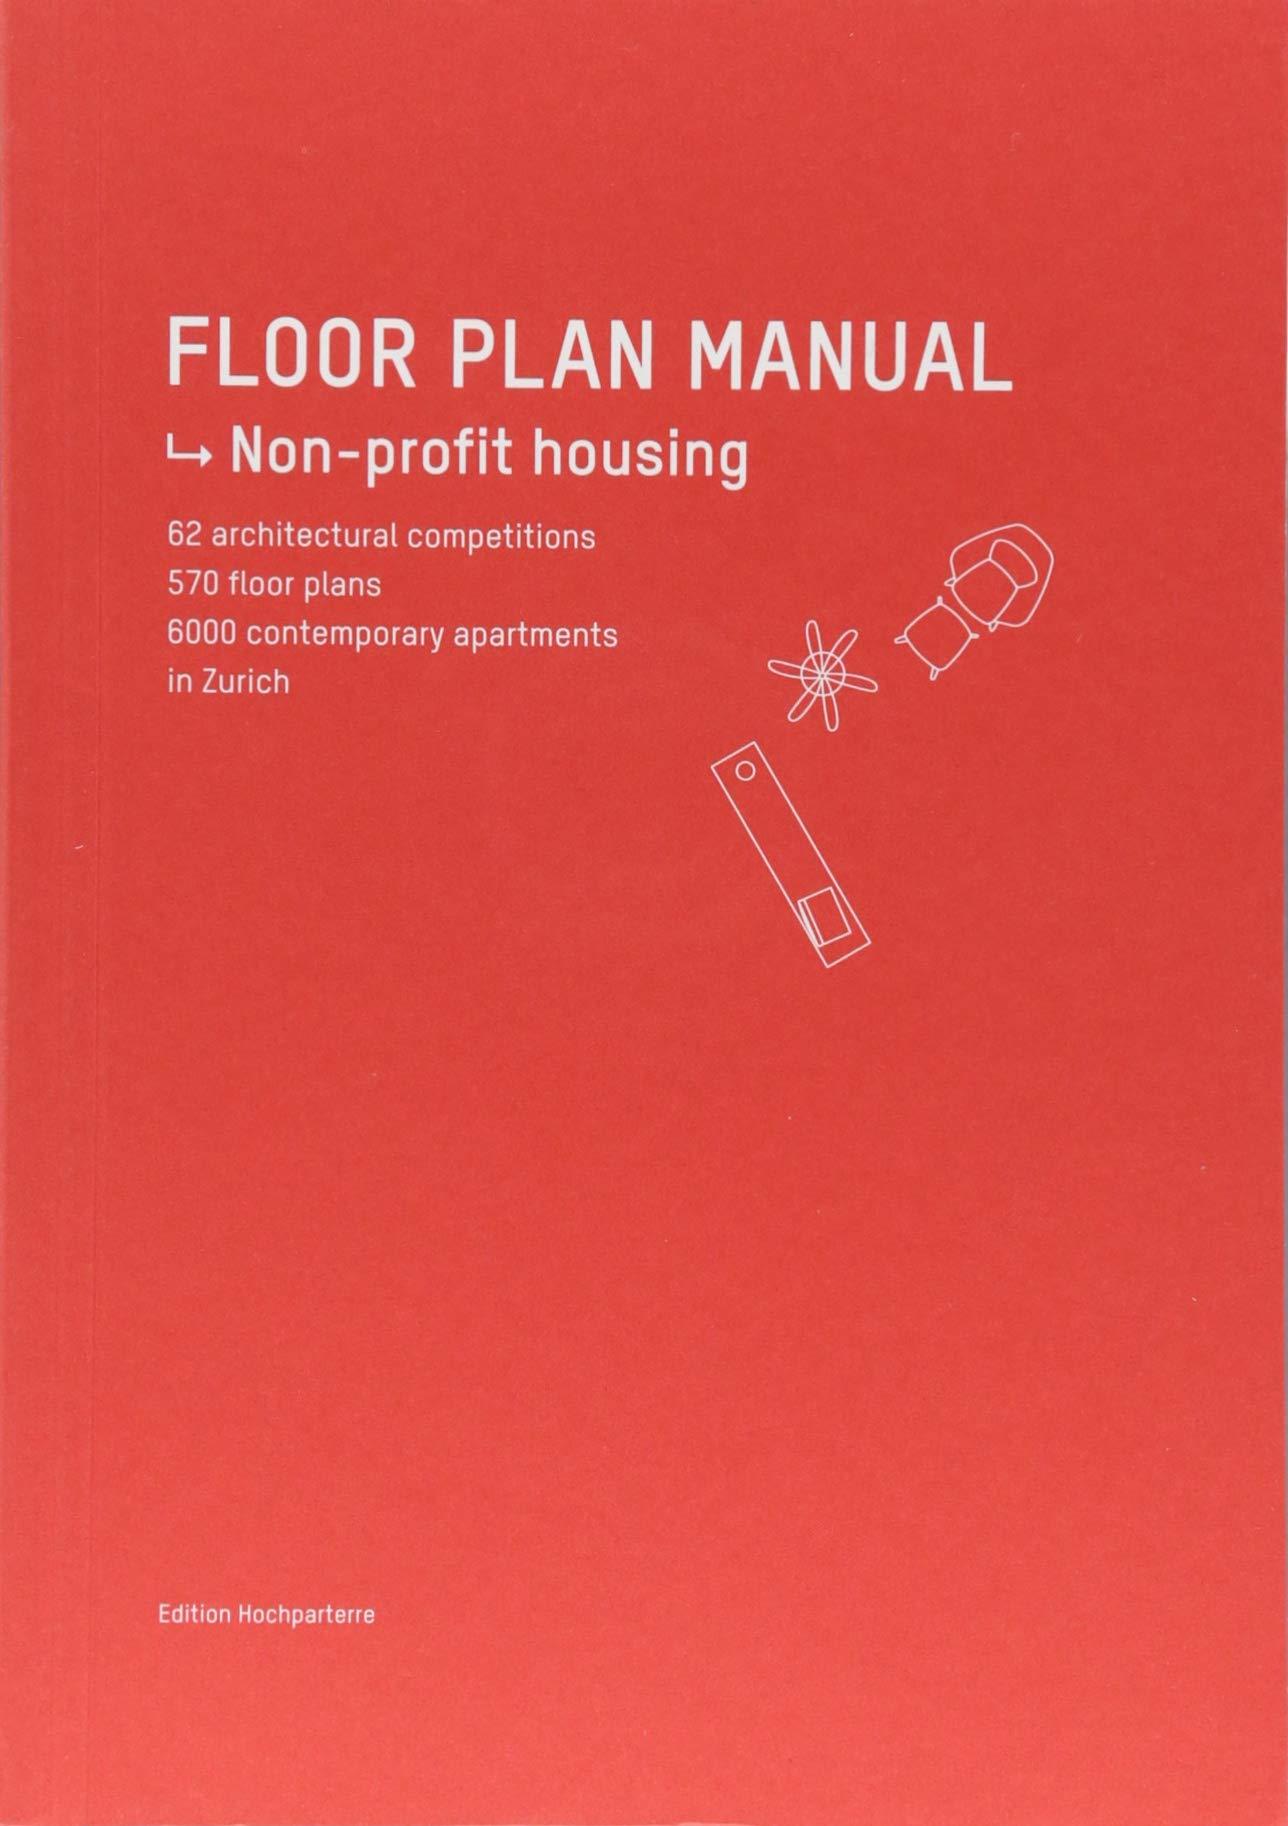 Floor Plan Manual Amazon Es Libros En Idiomas Extranjeros